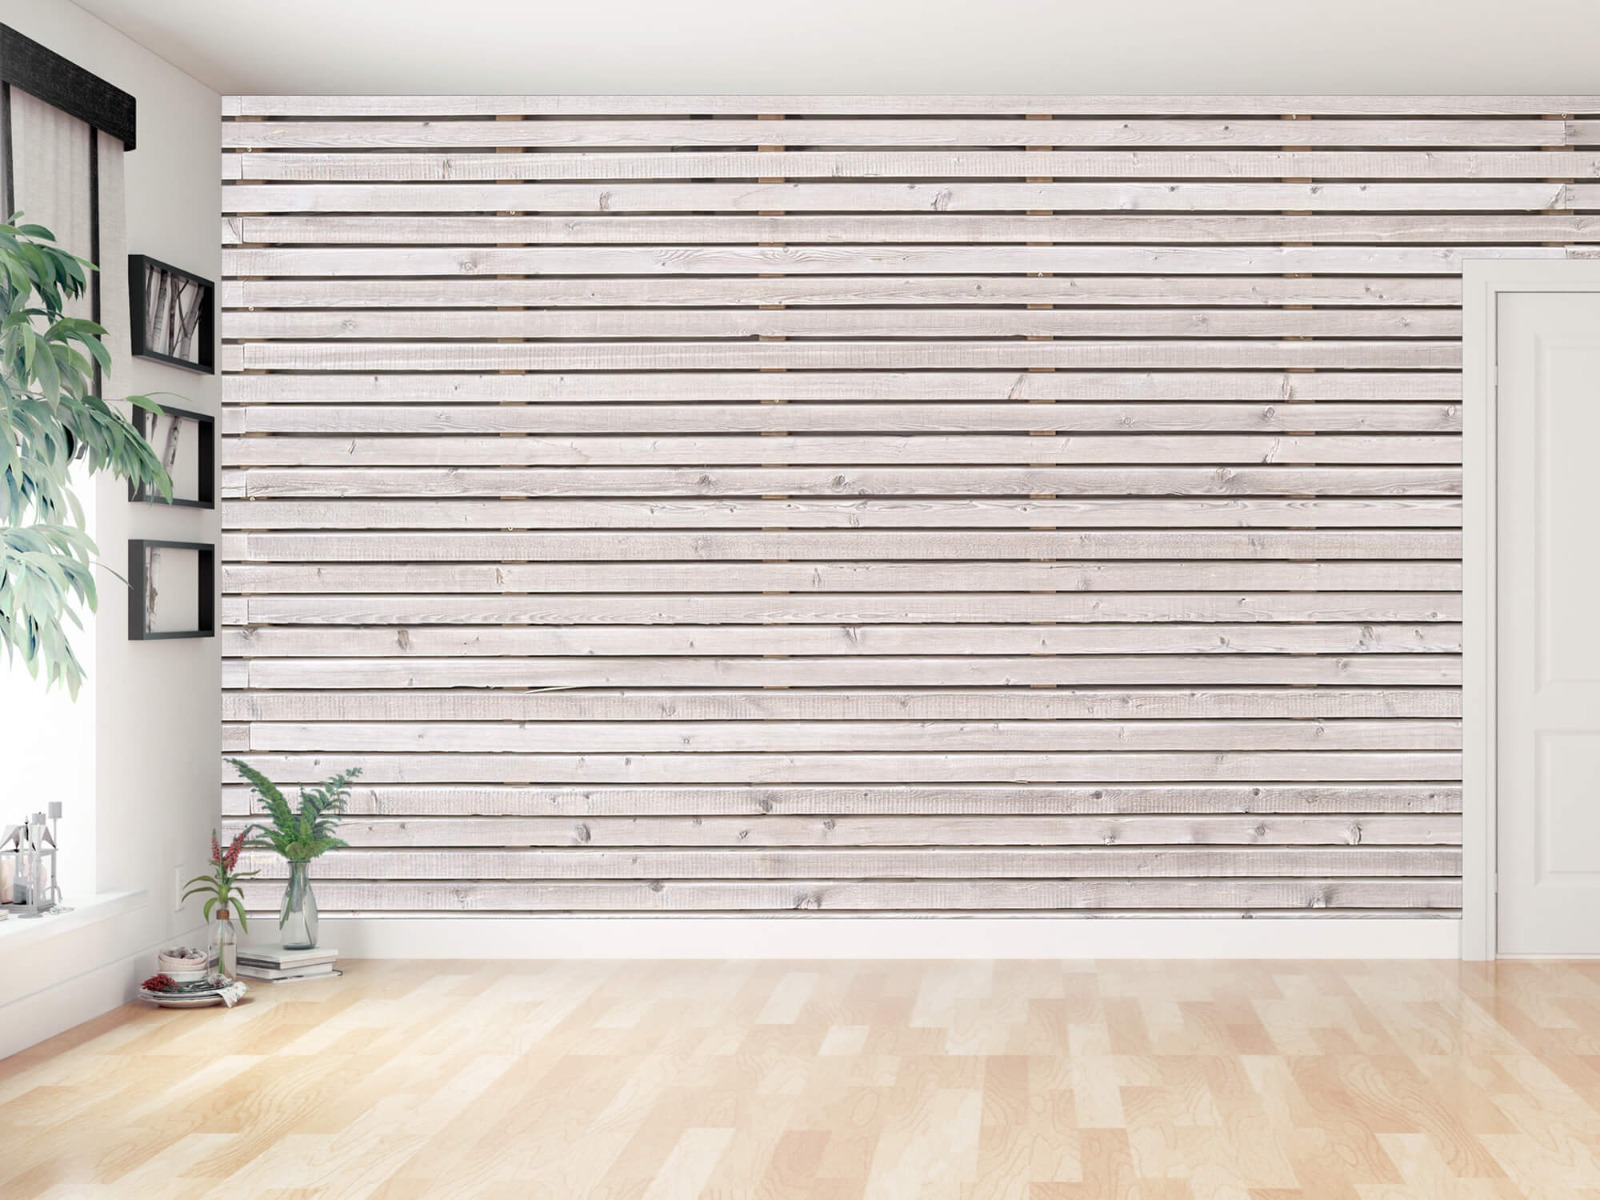 Hout behang - Horizontale planken - Wallexclusive - Woonkamer 13